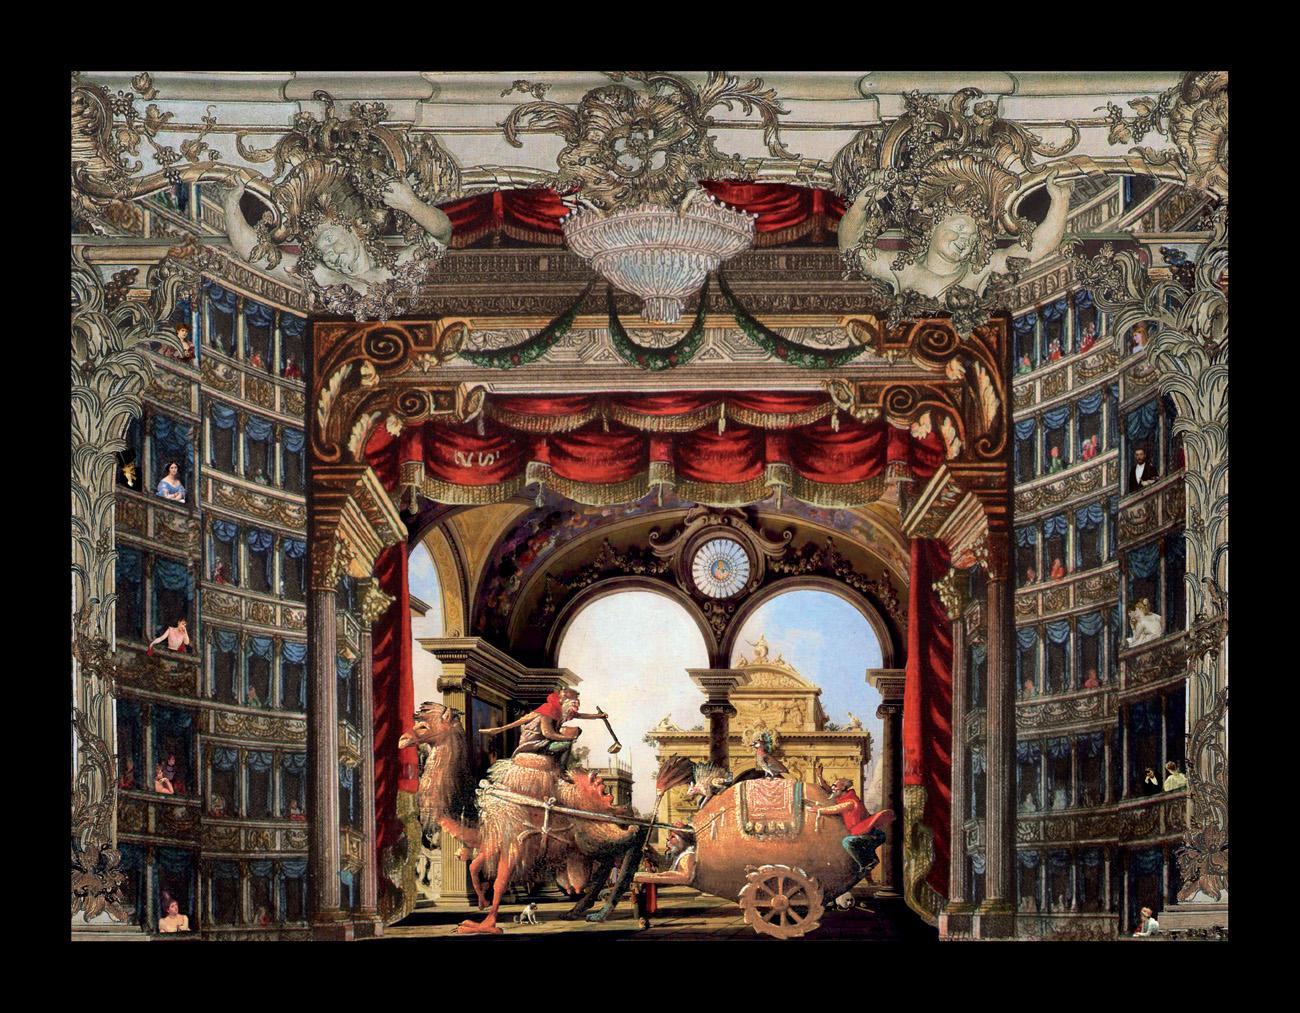 Il corteo magico - Il cammello – Teatrino 3D Collage in scatola di ayous, tecnica mista, 37 × 34 x 8